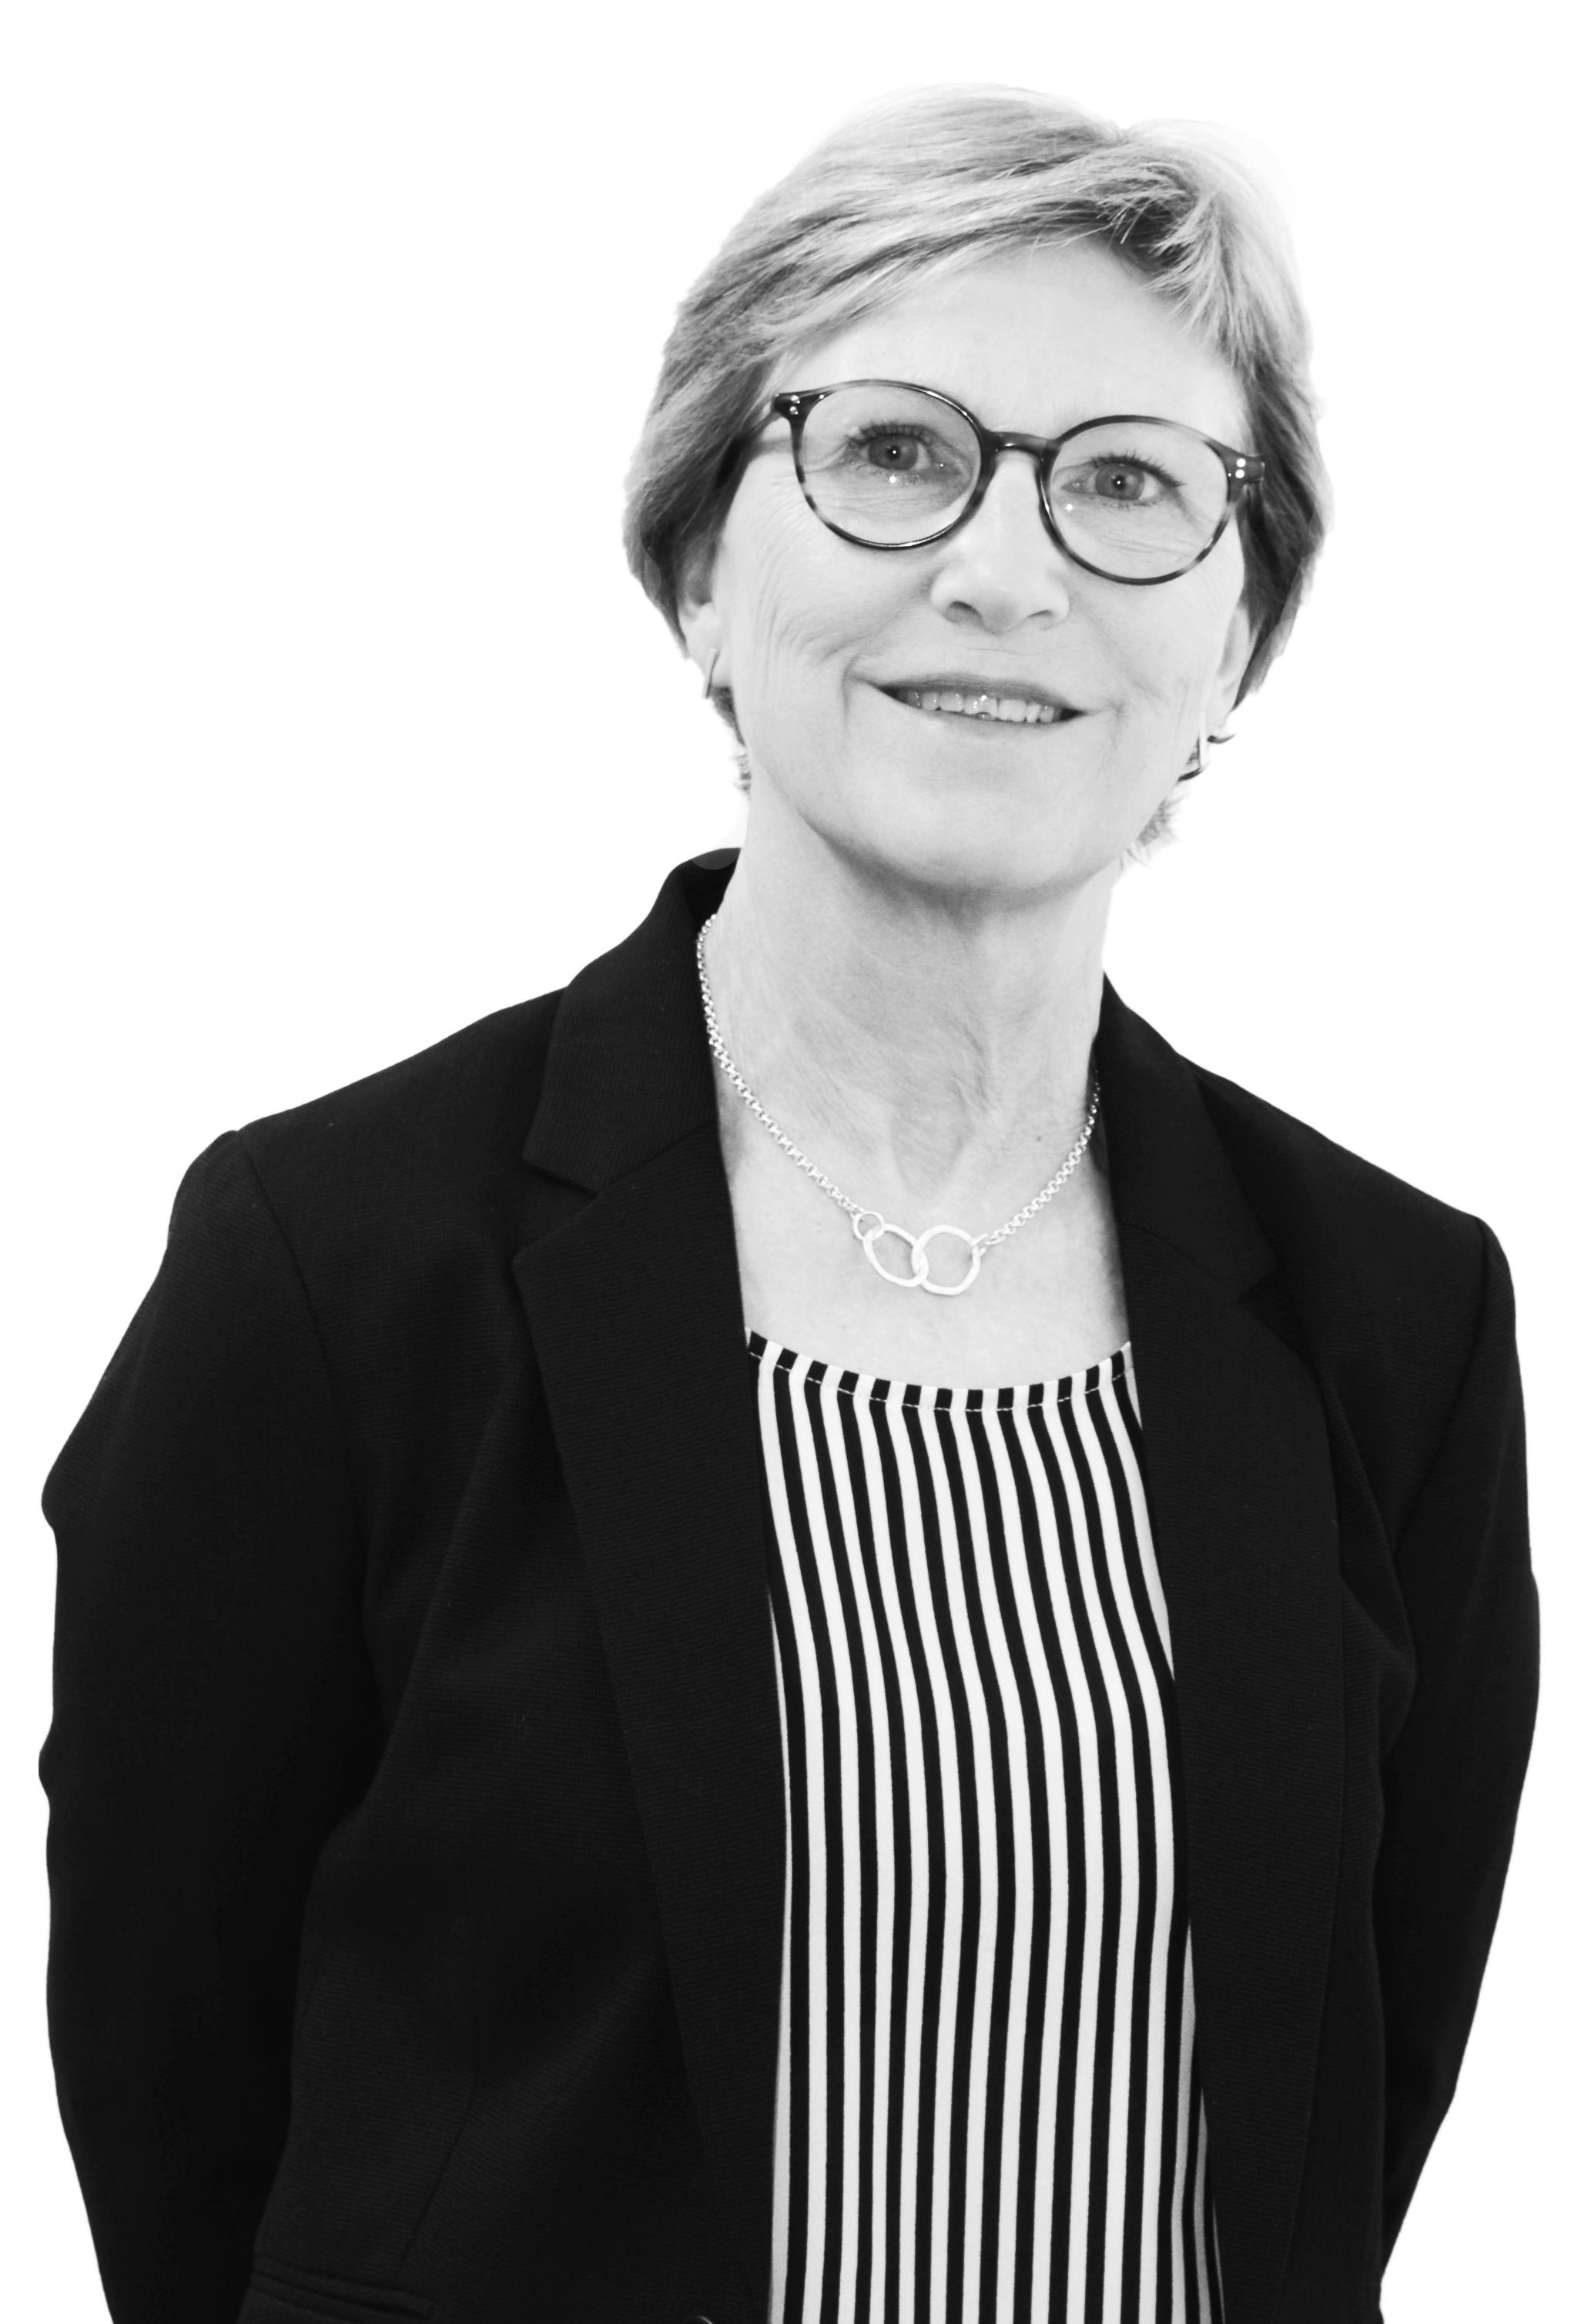 { first: 'Karin', last: 'Andersson' }, Försäkringskonsult